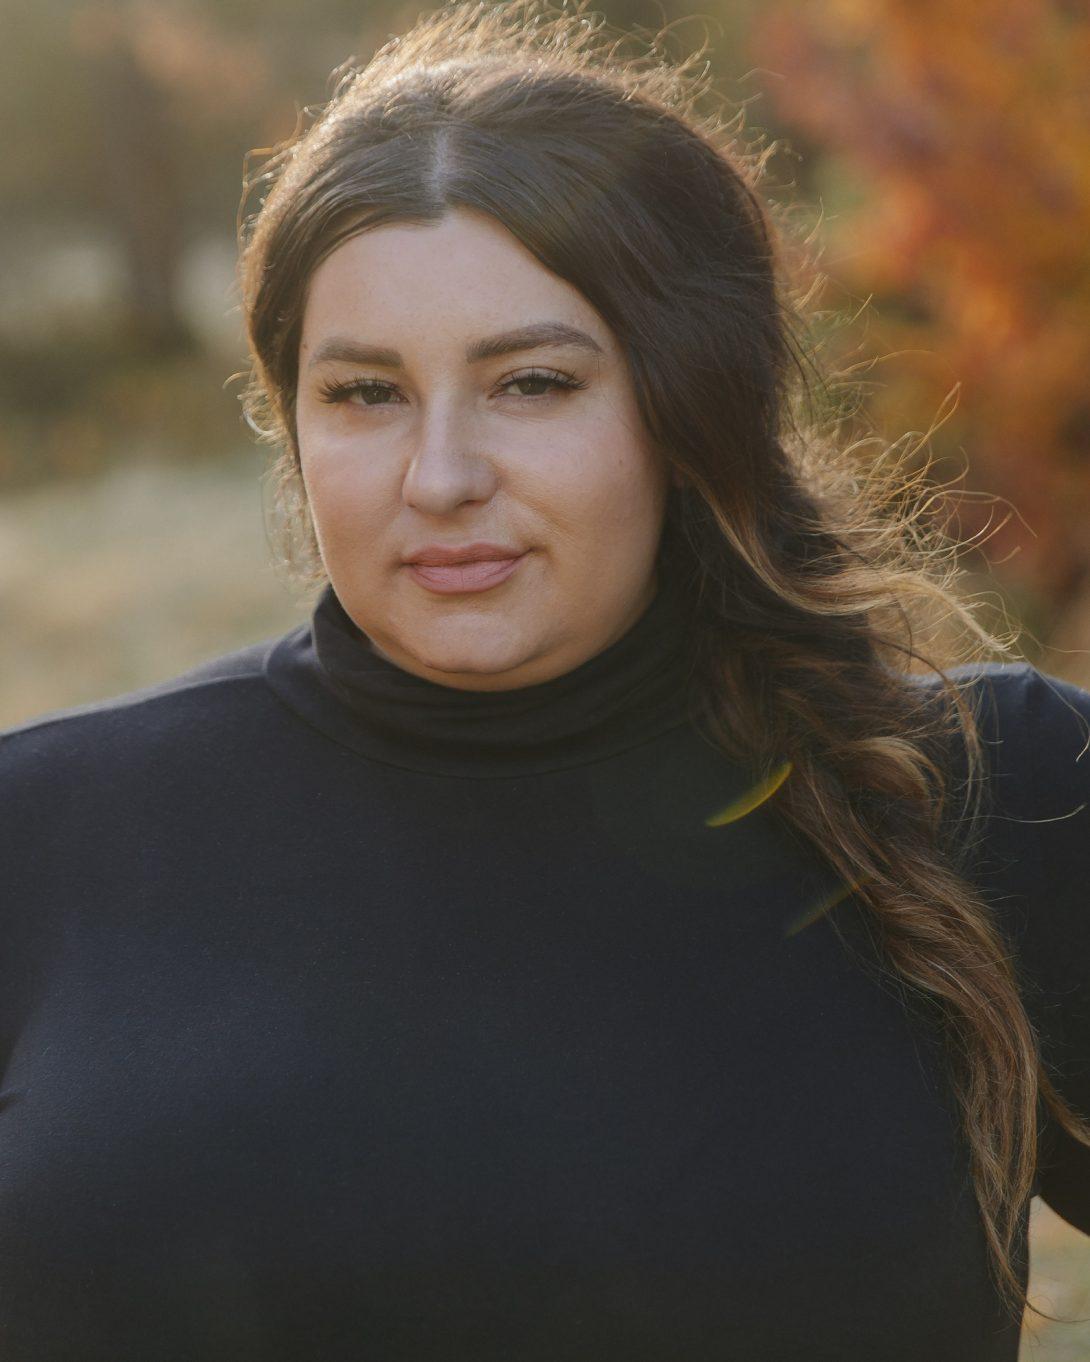 LeighAnna Hidalgo